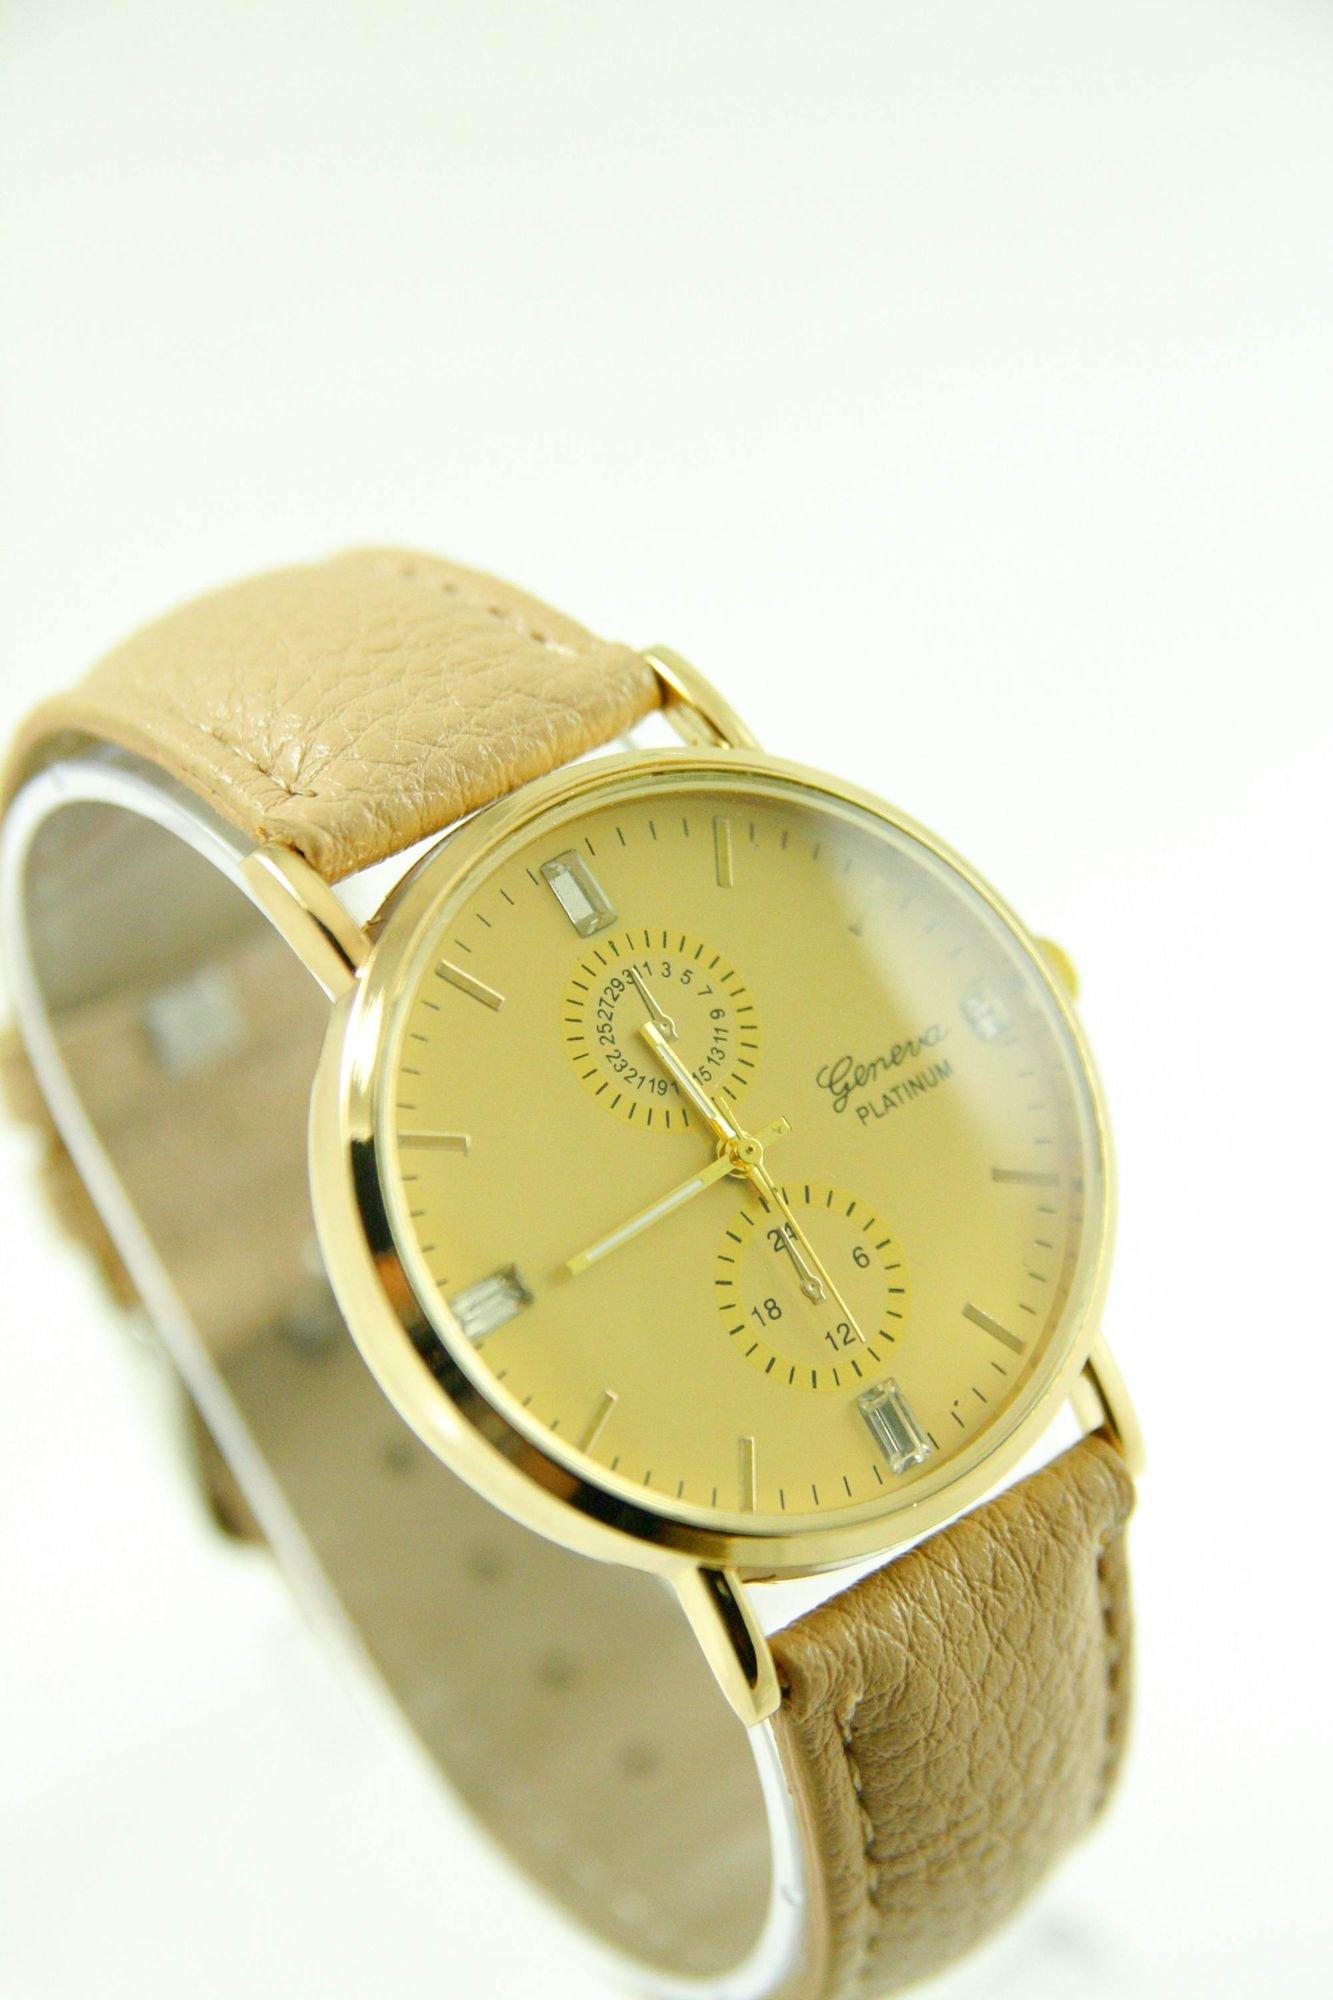 GENEVA Beżowy zegarek damski na skórzanym pasku                                  zdj.                                  2